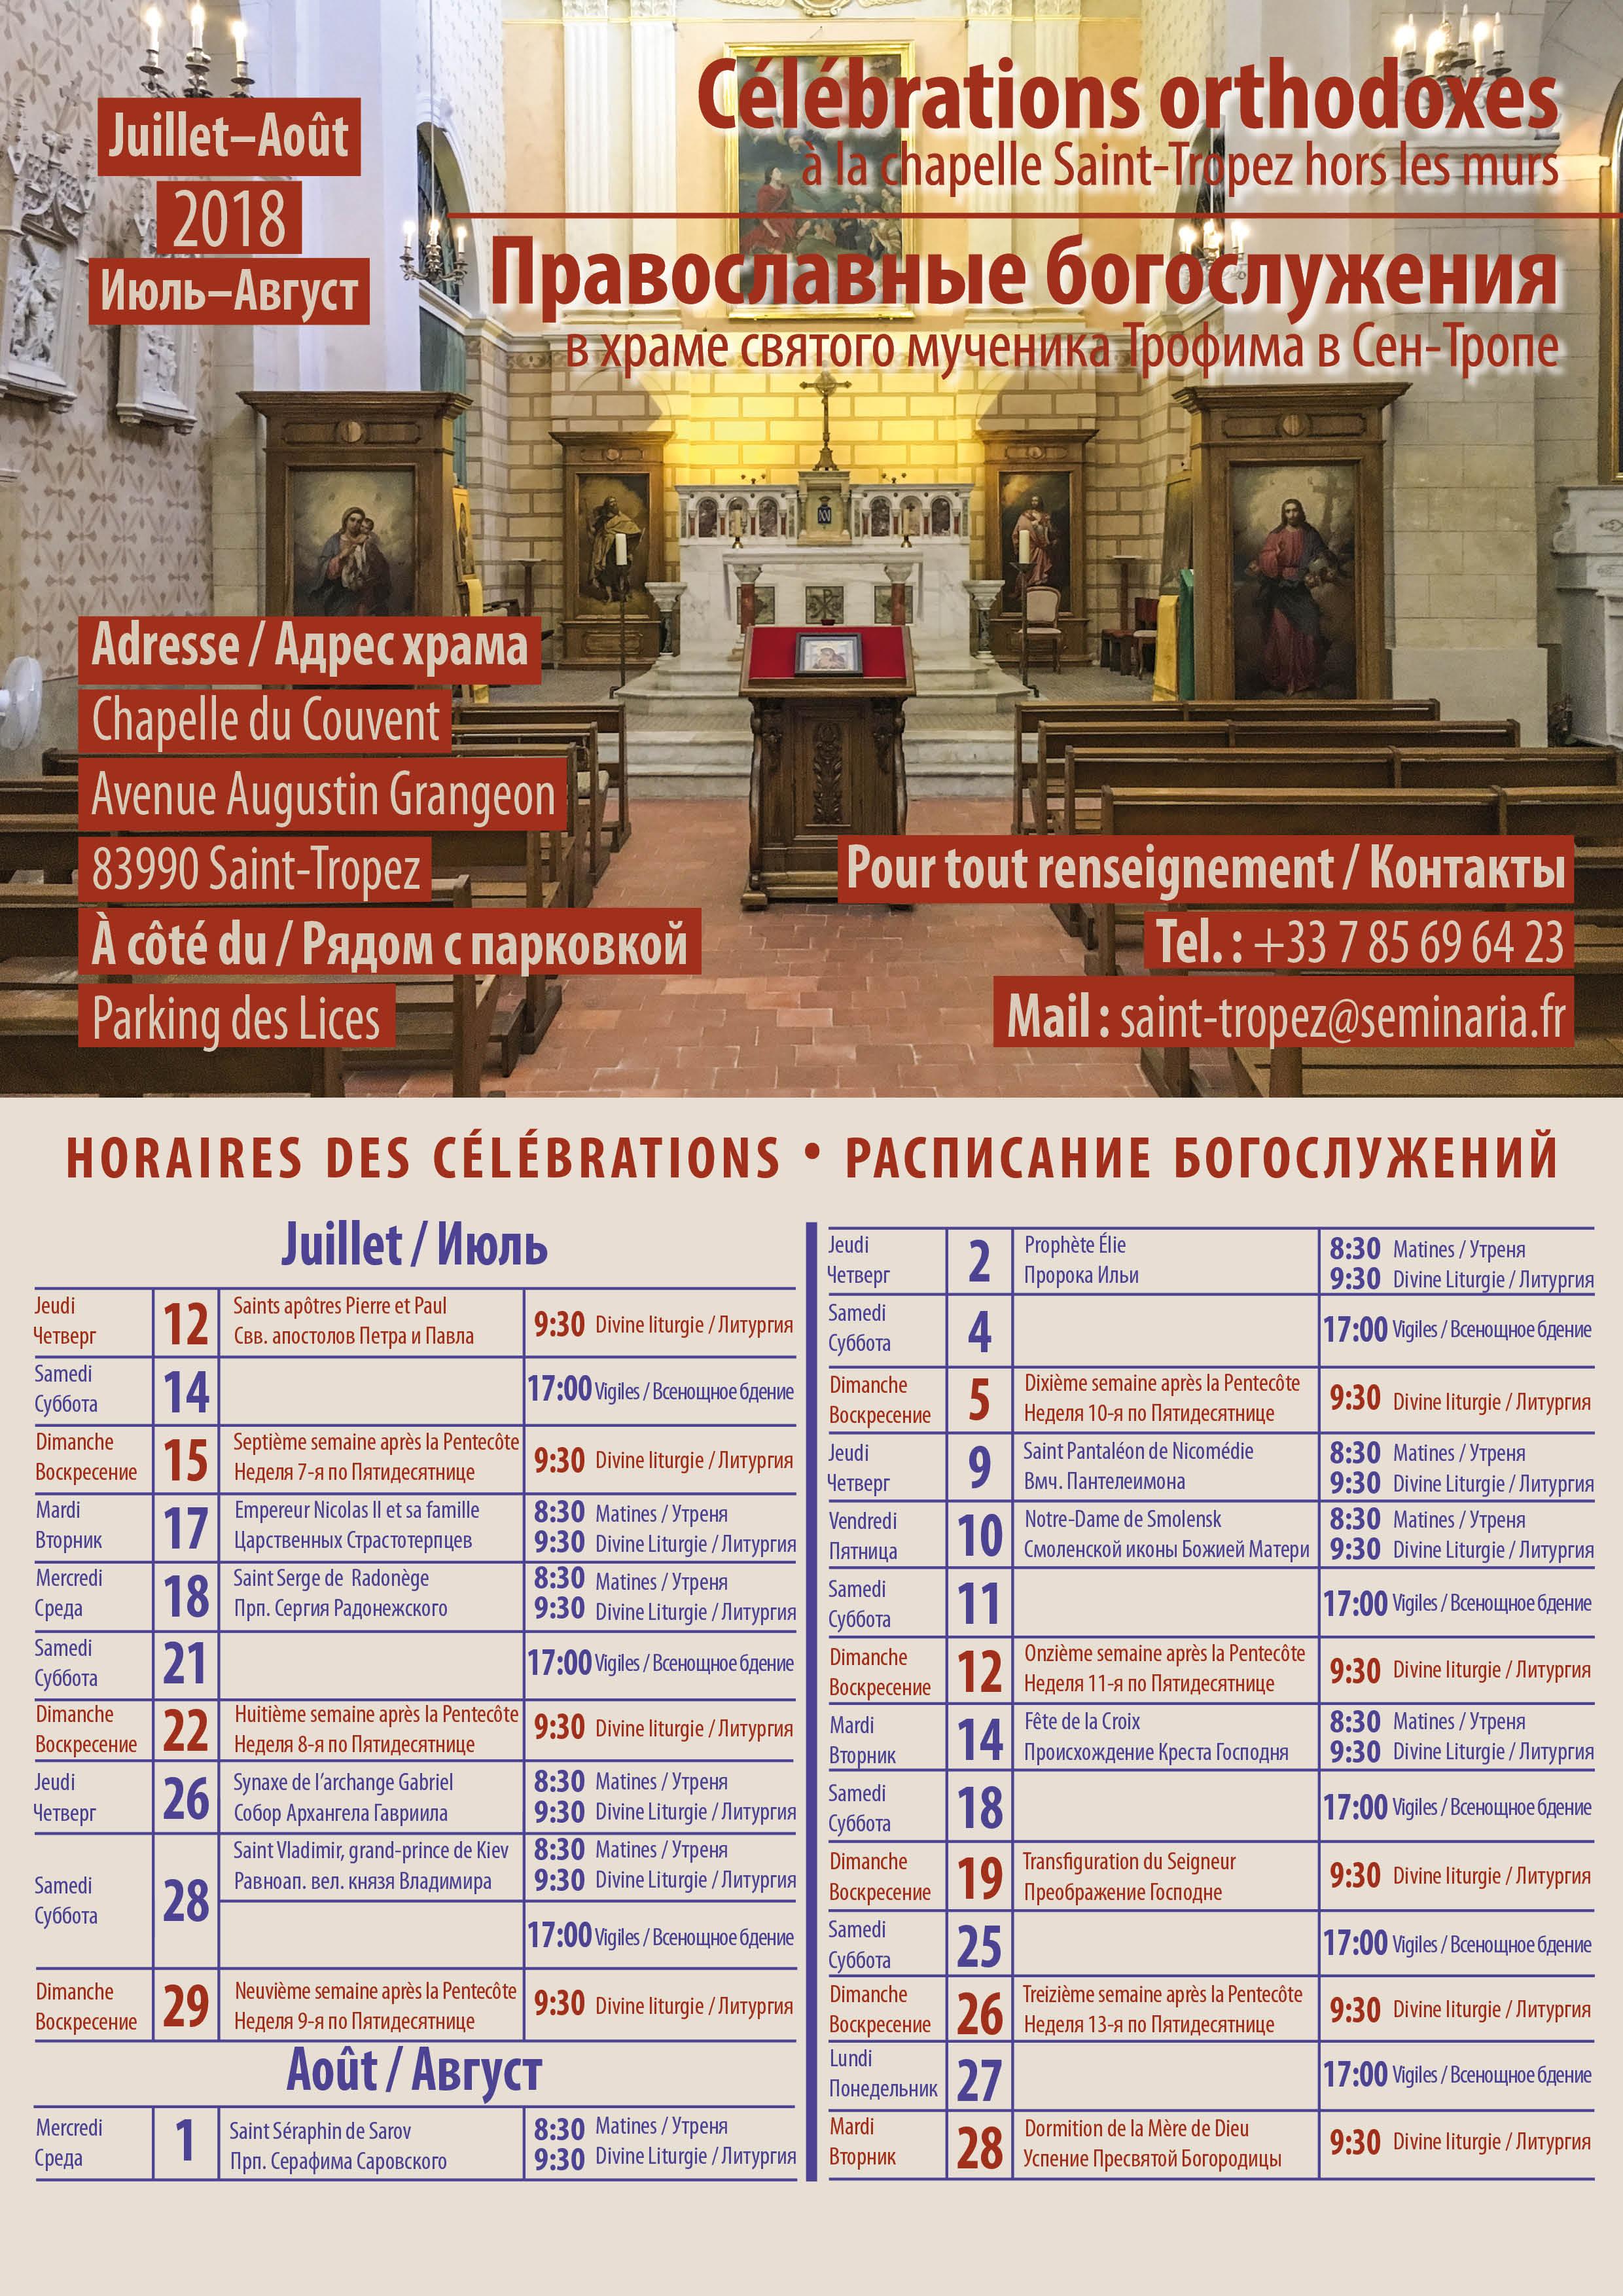 Расписание богослужений в Сен-Тропе летом 2018 года